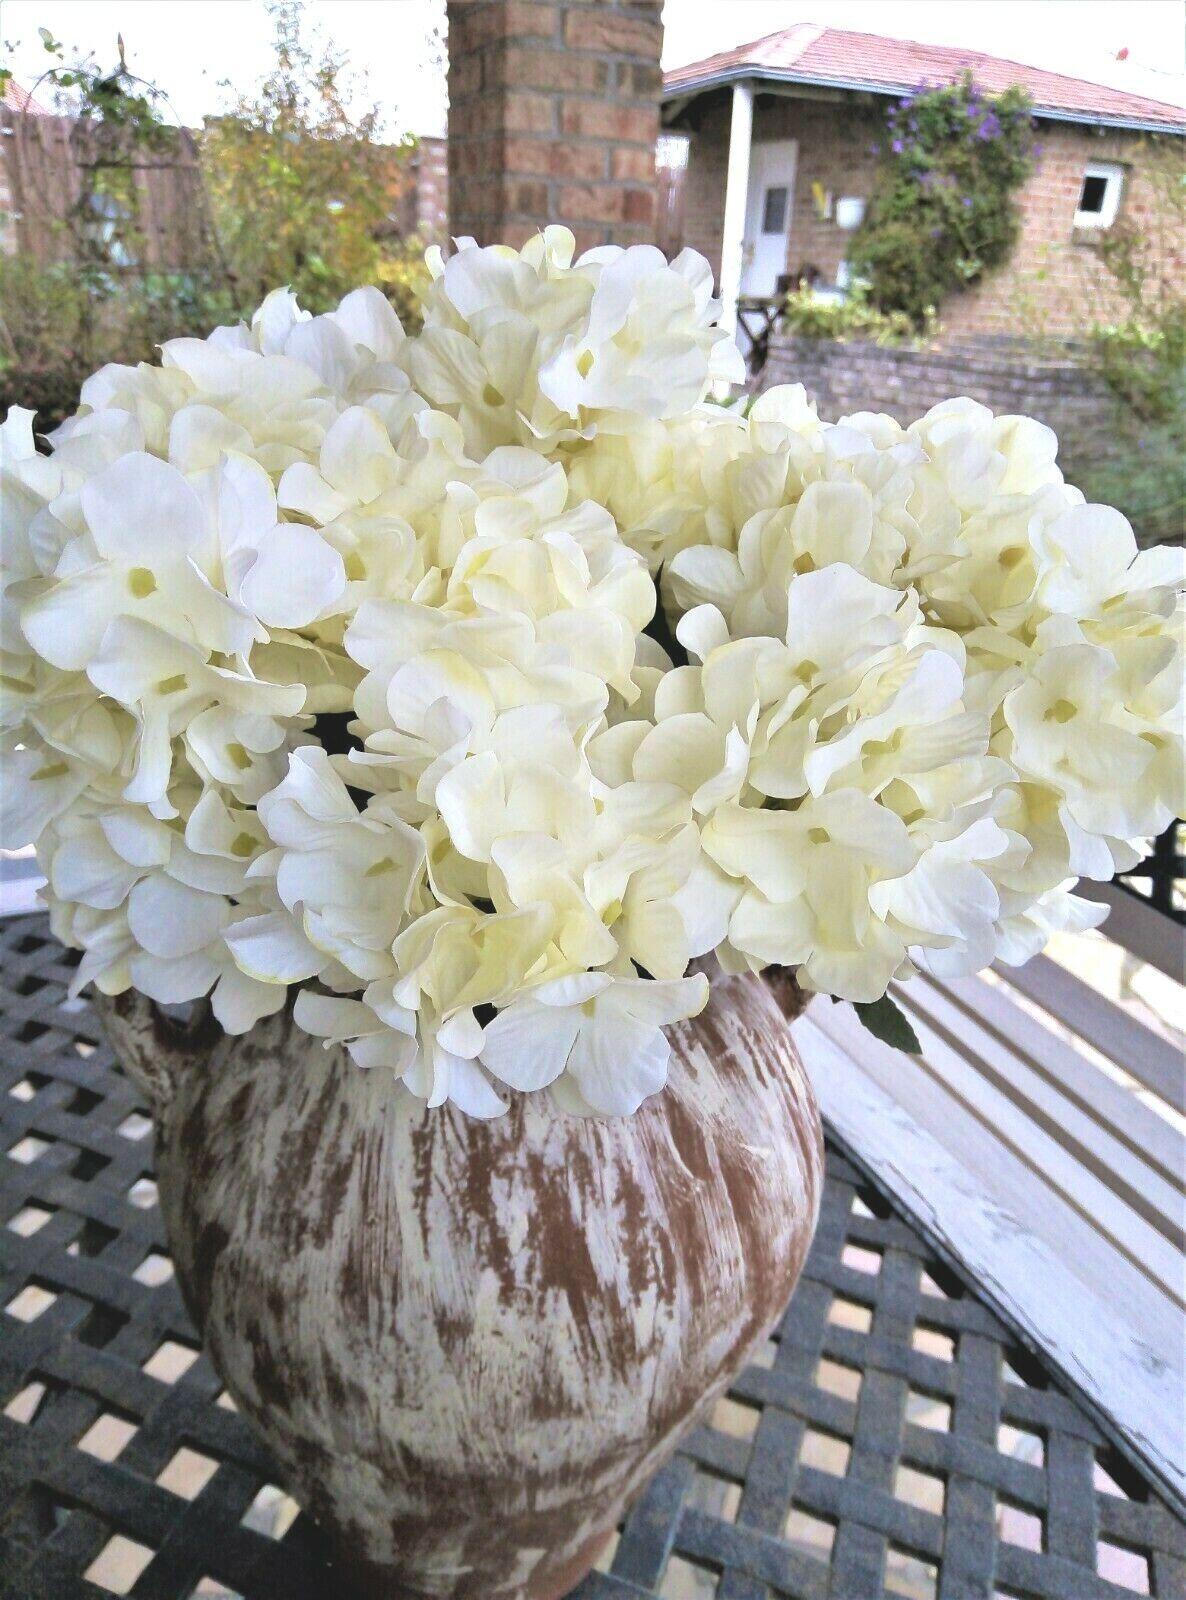 Hortensie Kunstblumen Seidenblumen Blume Shabby Landhaus weiß mit 6 Blüten